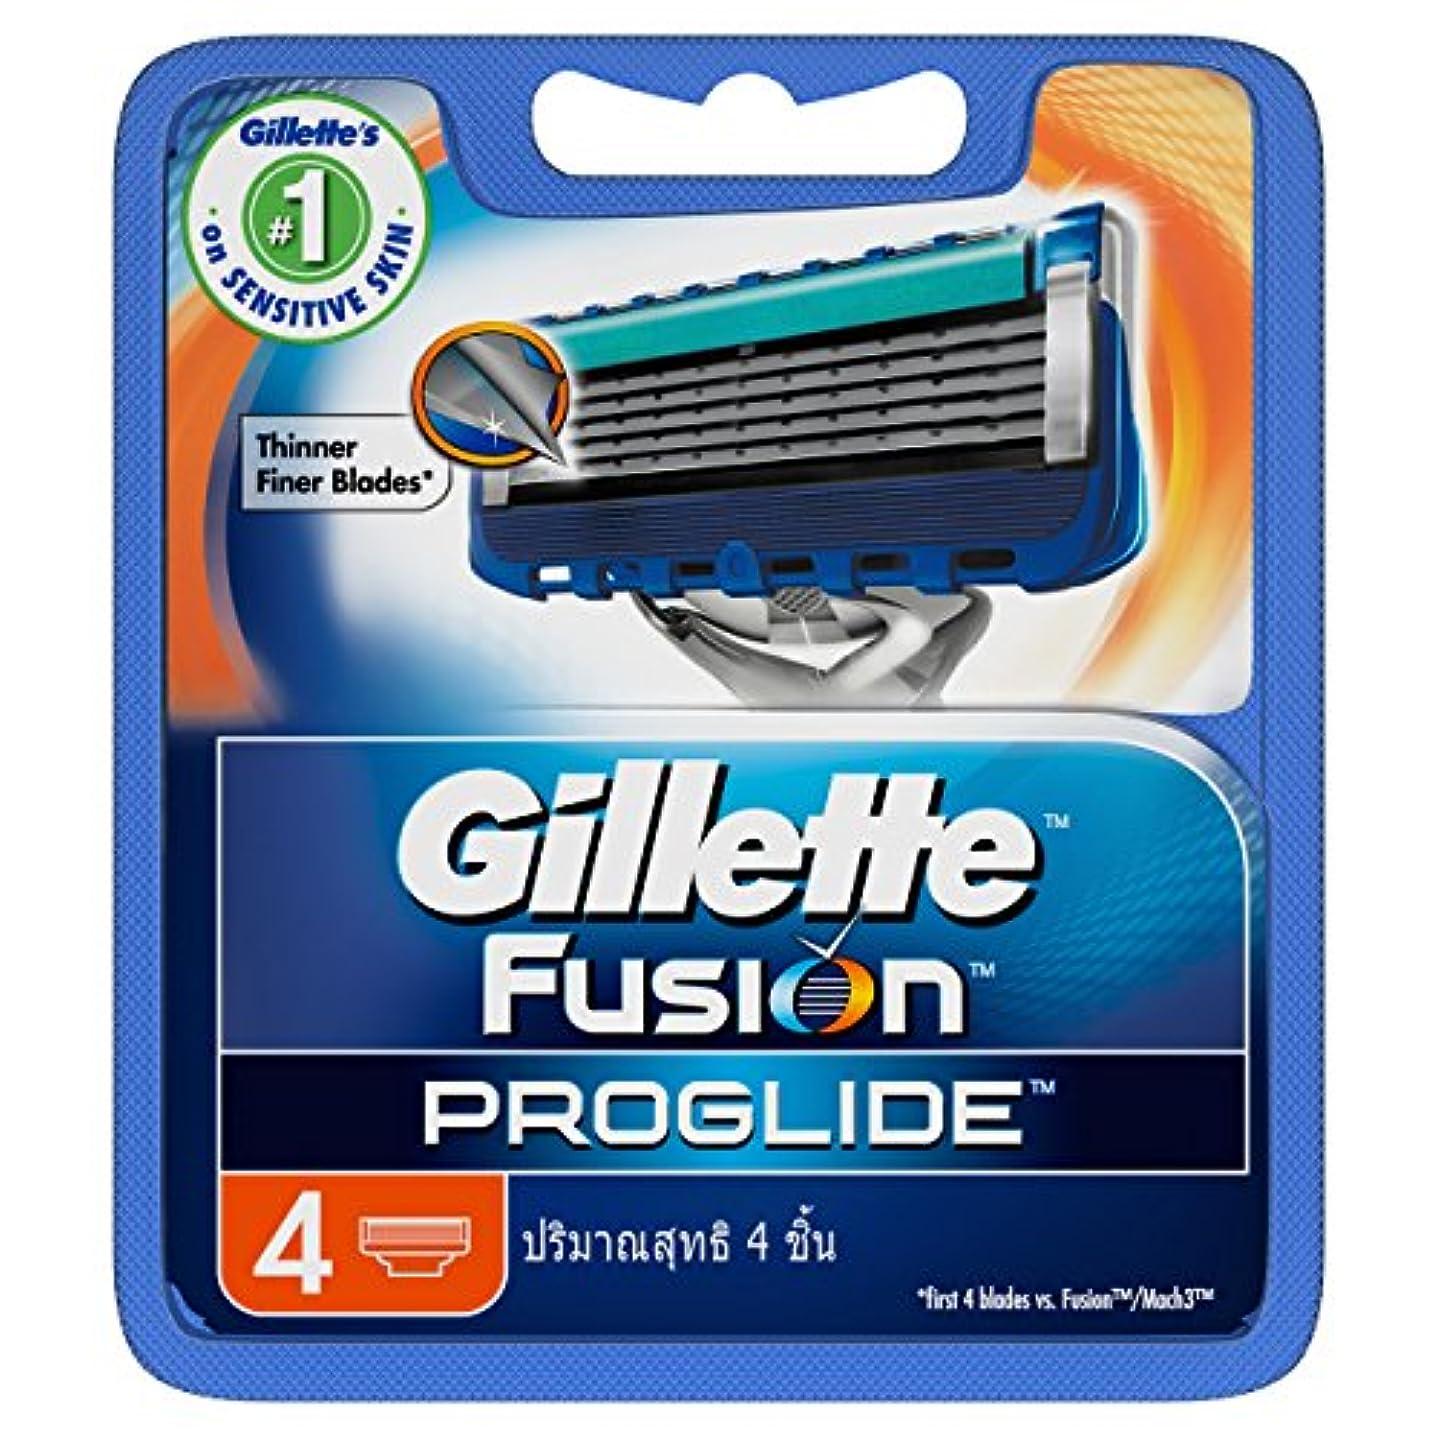 不快マリン鳩Gillette Fusion Proglide Shaving Cartridges 4